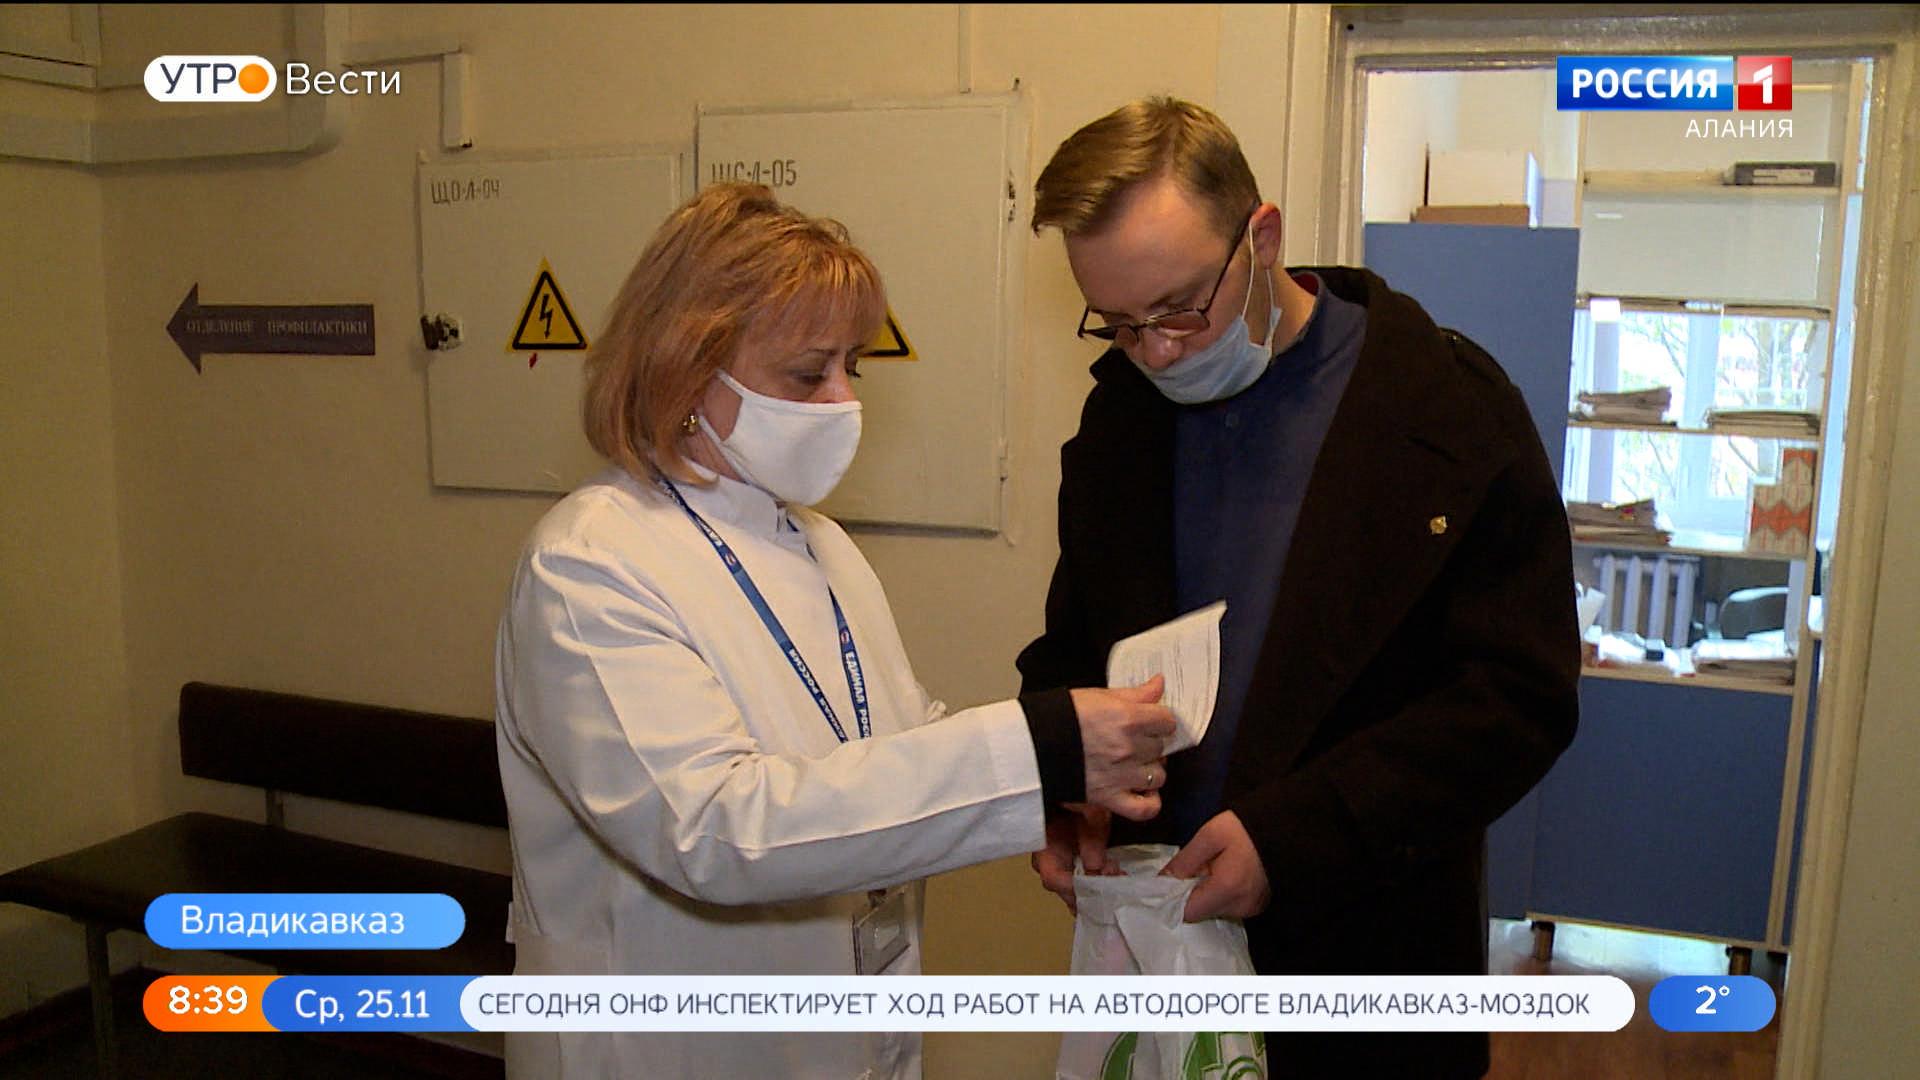 Автоволонтёры доставляют необходимые лекарства амбулаторным больным коронавирусом